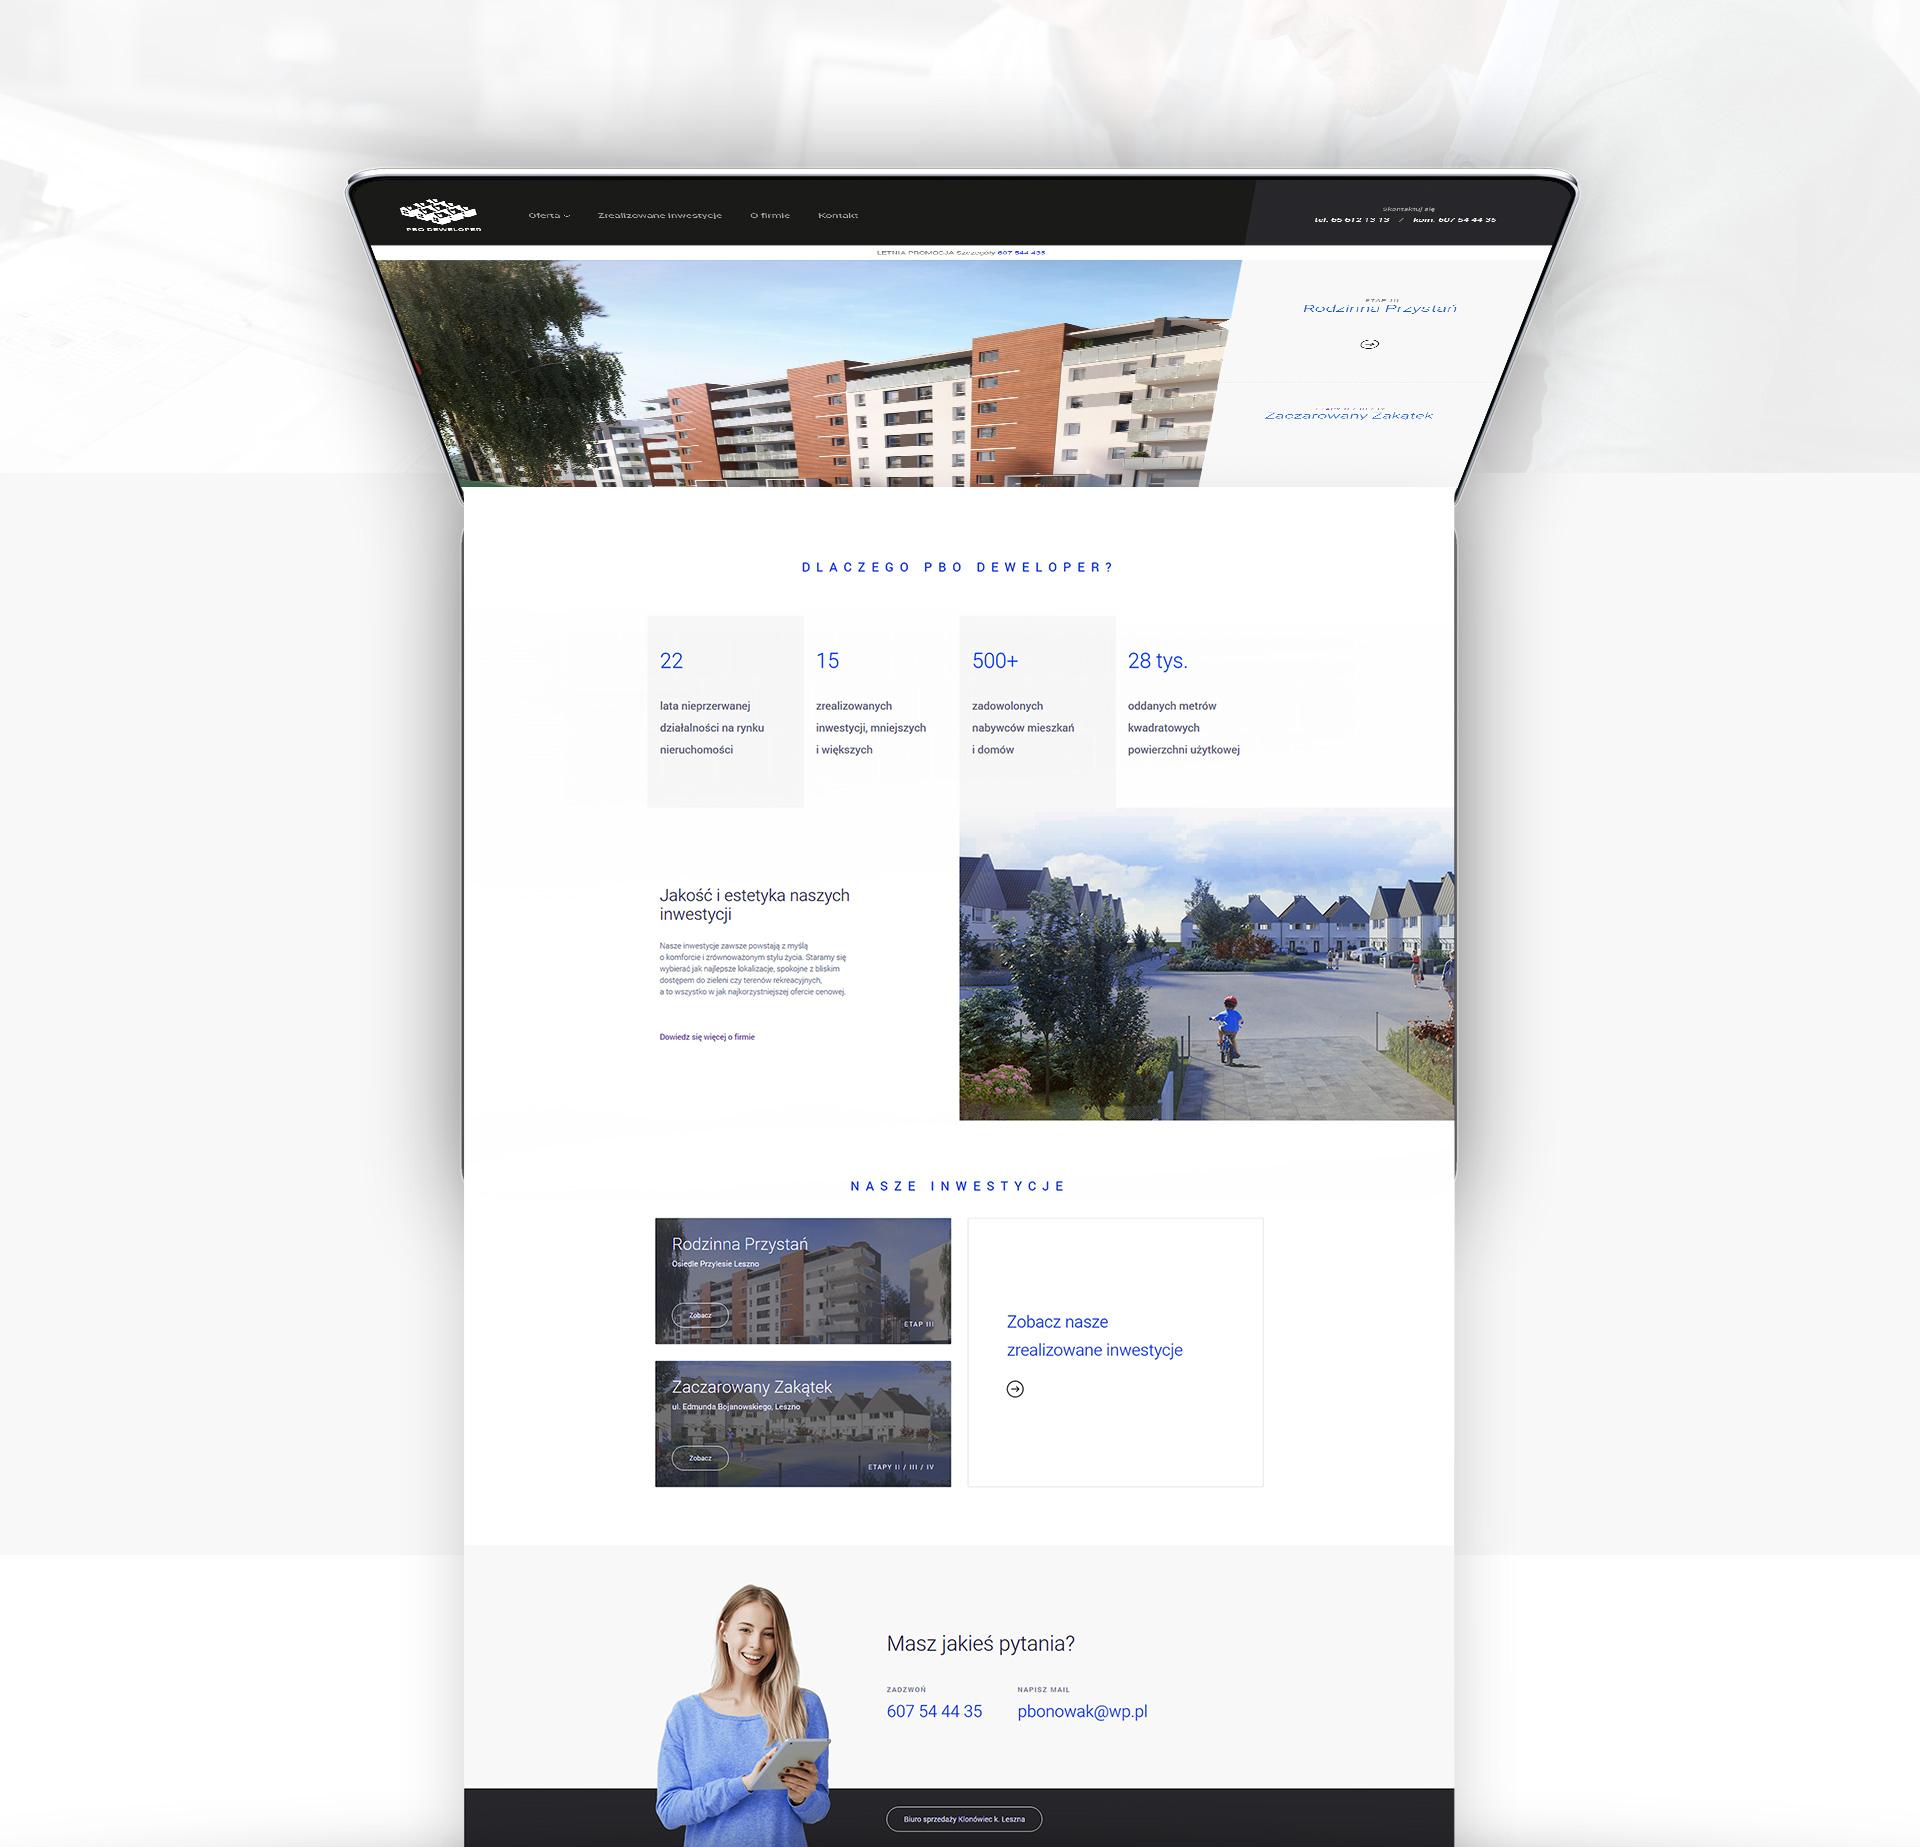 projekt strony www leszno strony internetowe pbo deweloper